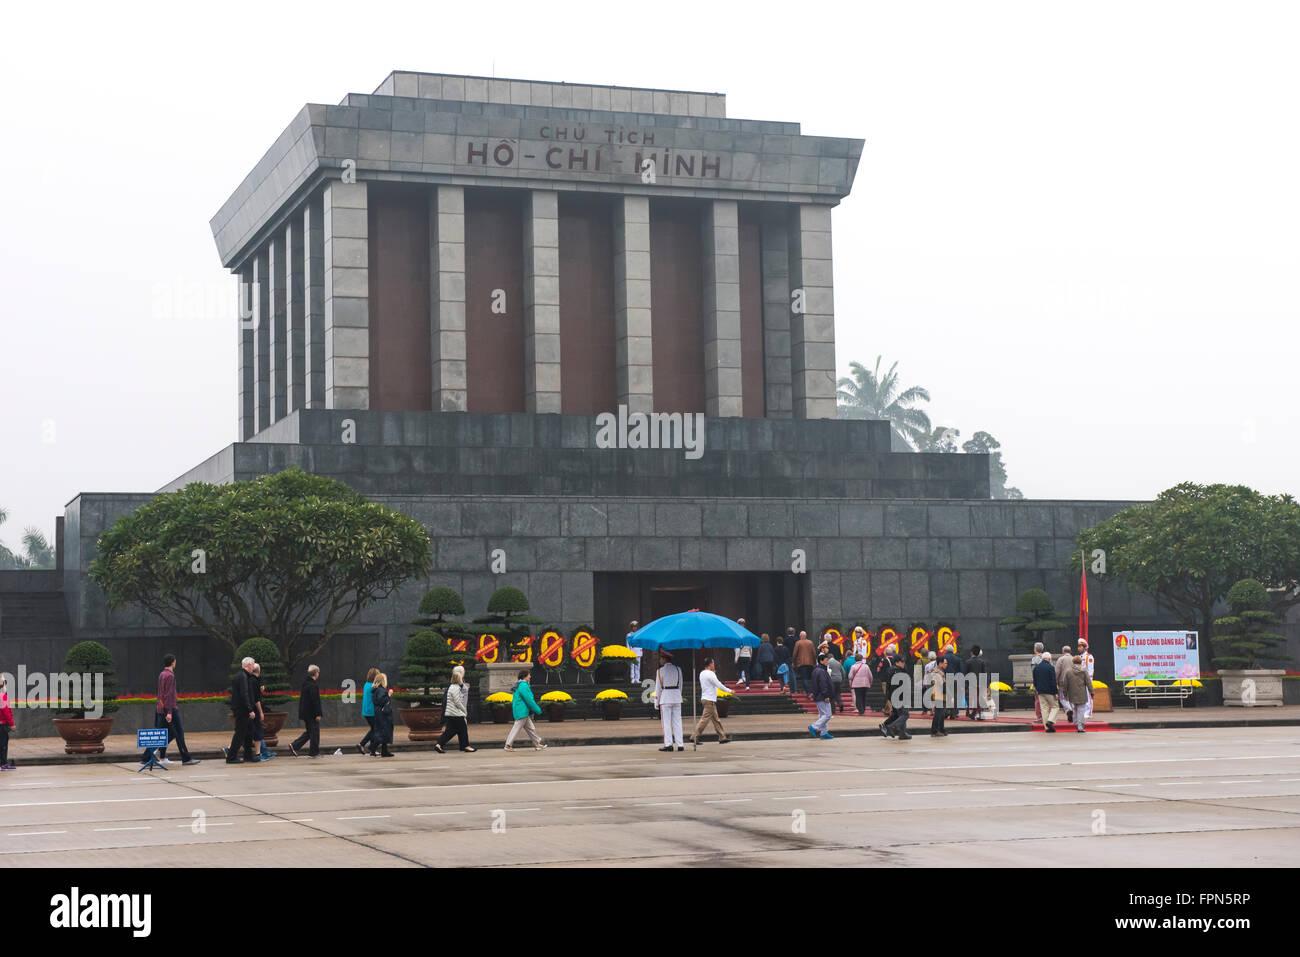 Touristen in der Ho-Chi-Minh-Mausoleum den einbalsamierten Führer anzeigen.  Hanoi Stockbild